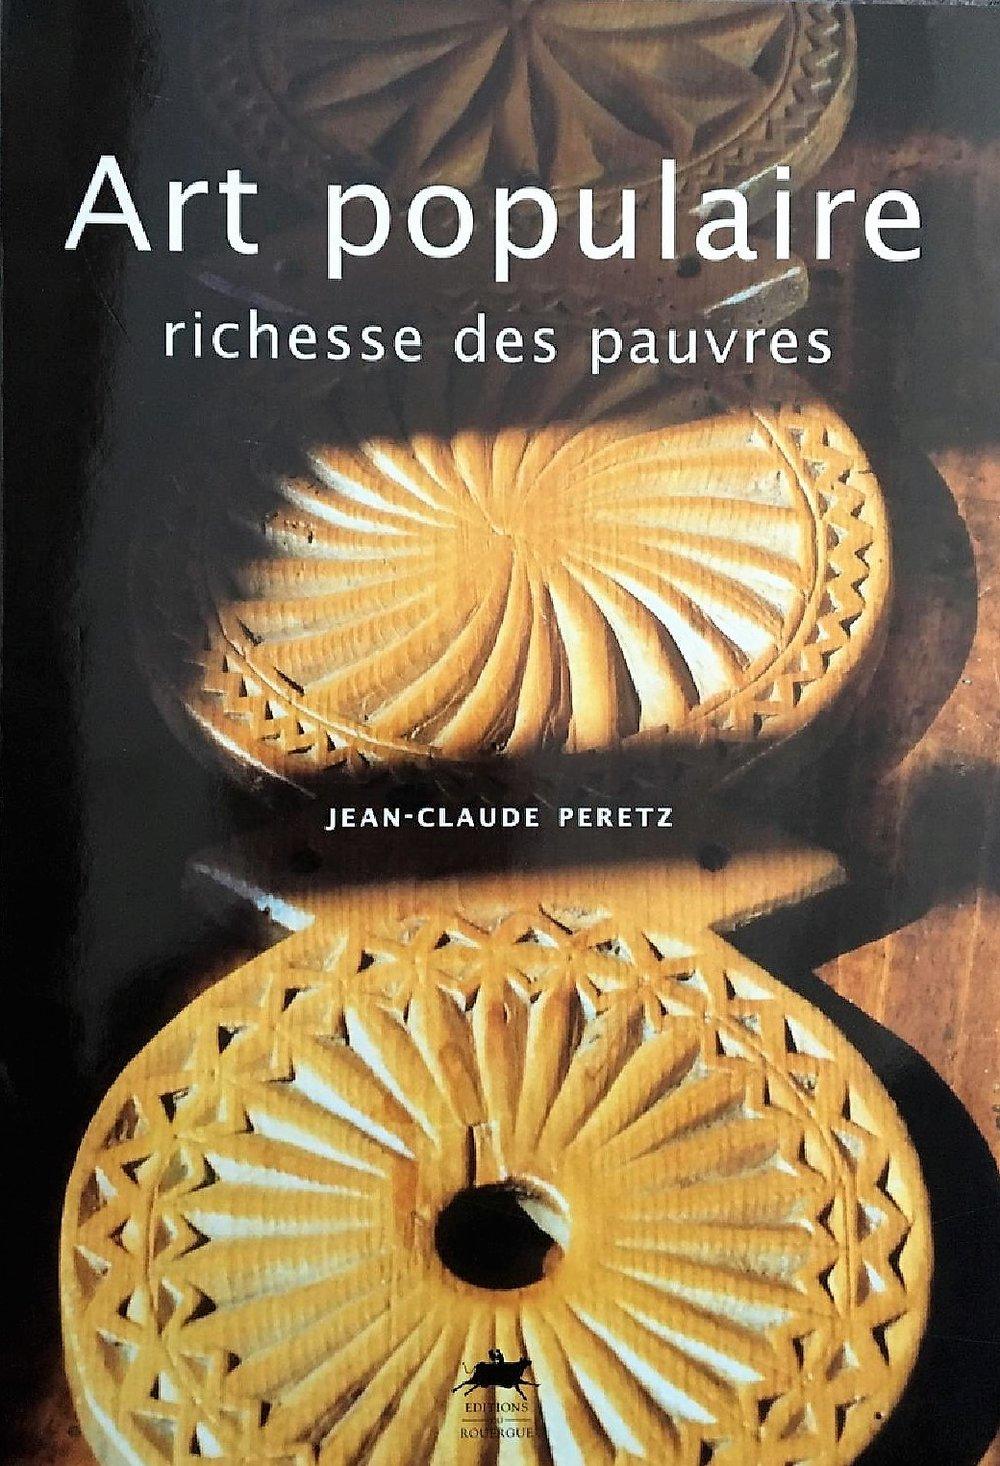 Cet ouvrage présente la collection personnelle de Mme Aliette Texier prédécessrice de Raphaël BEDOS.